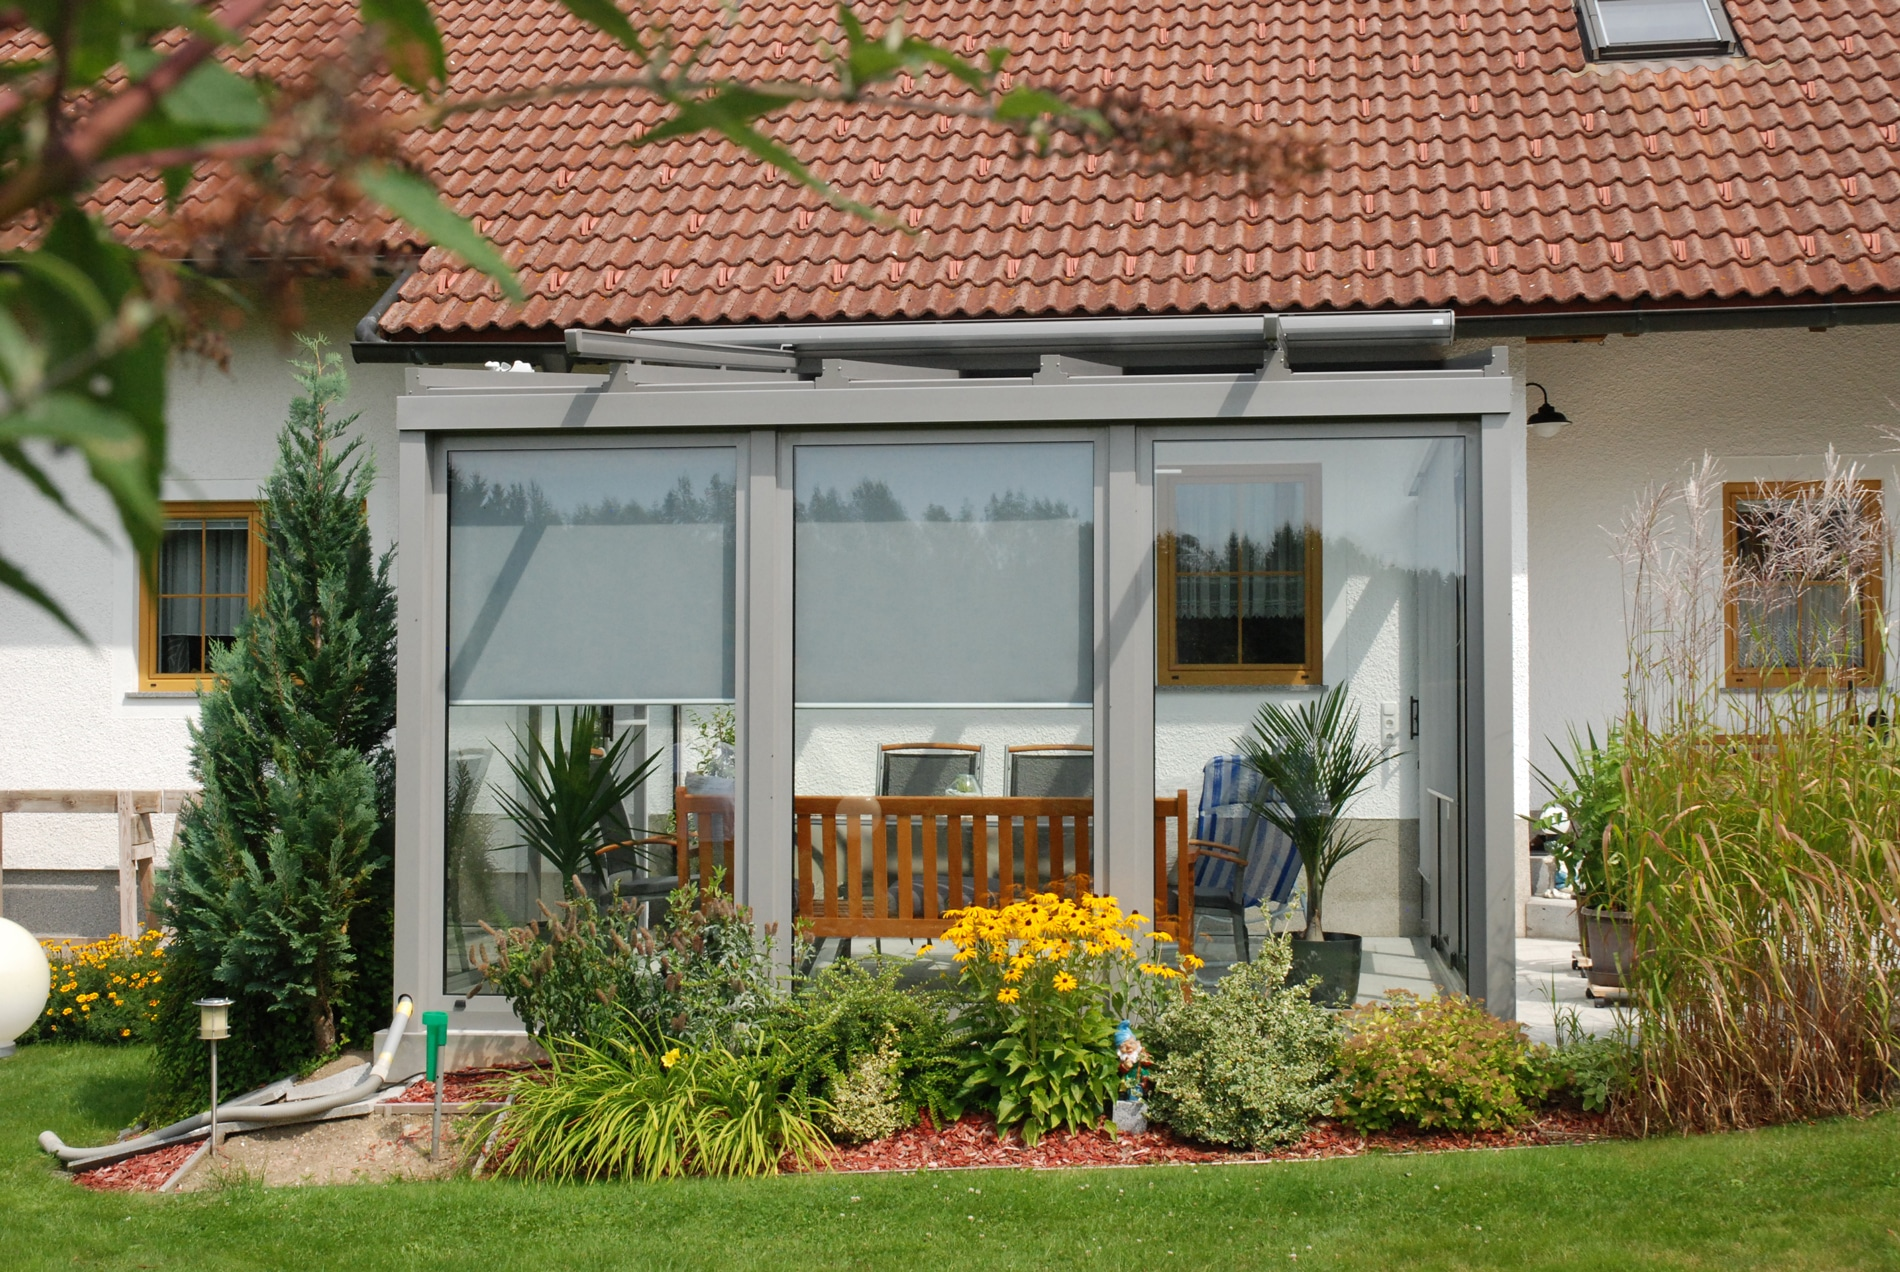 wintergarten als wohnzimmer hilfreiche tipps und bilder. Black Bedroom Furniture Sets. Home Design Ideas